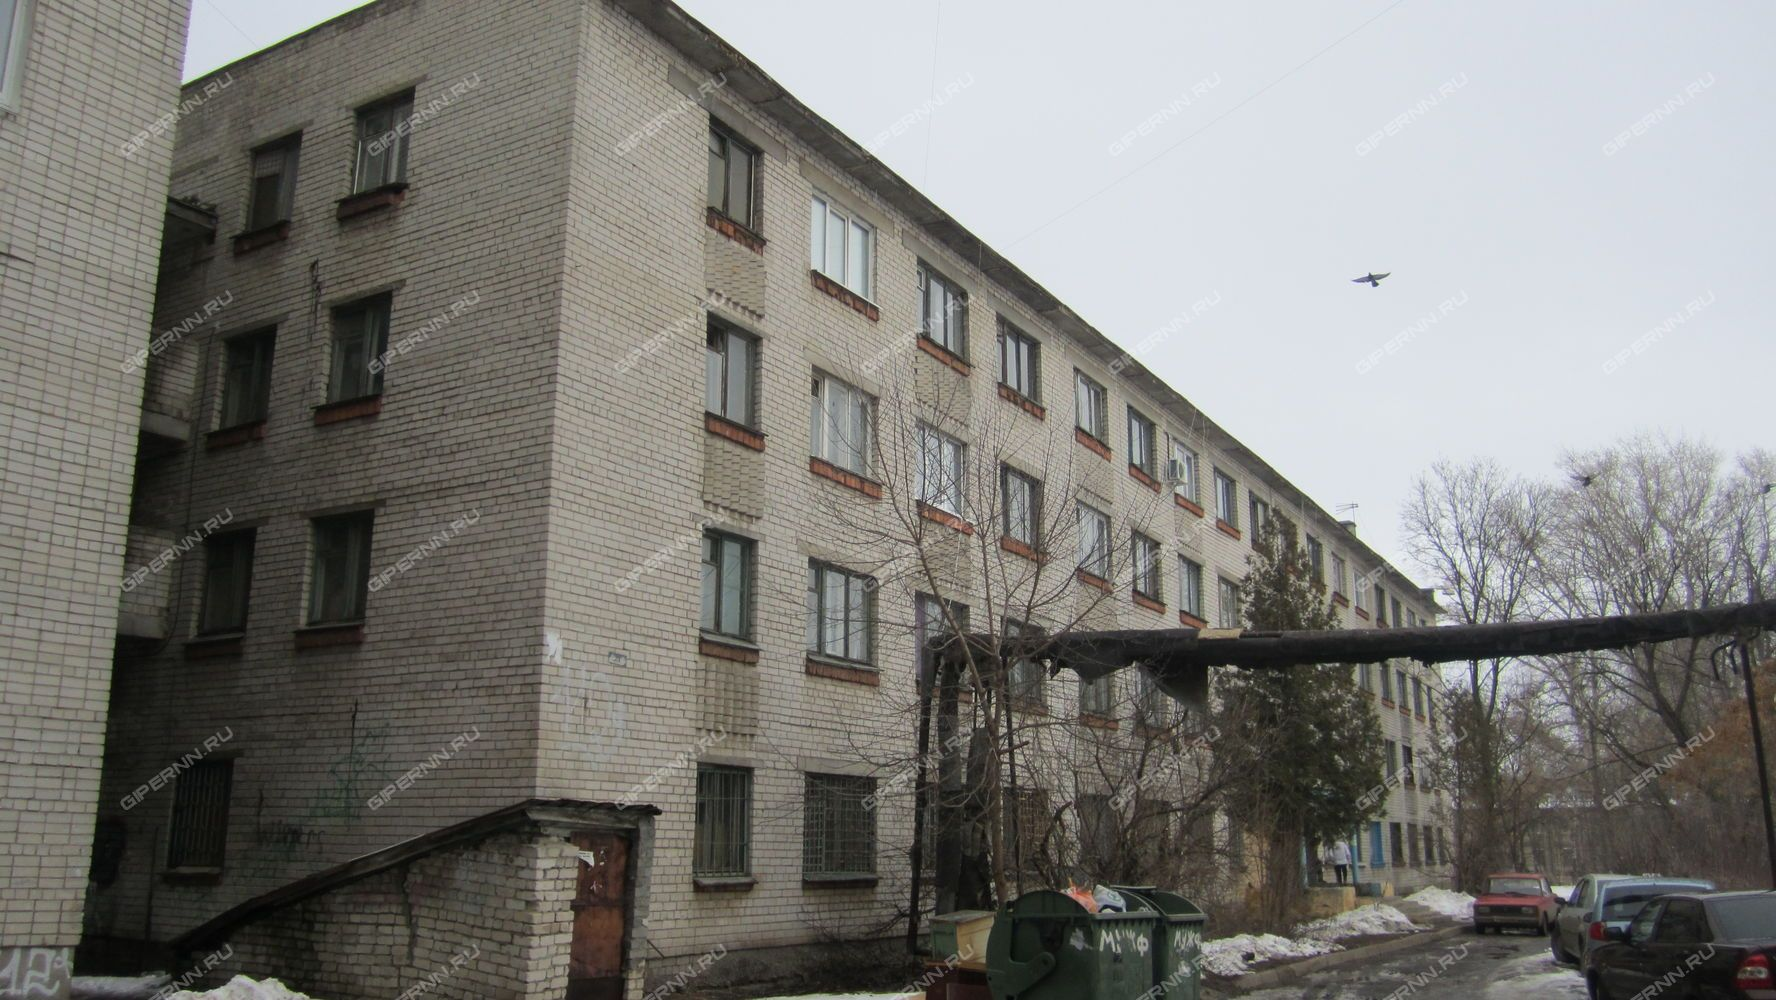 Поиск Коммерческой недвижимости Композиторская улица аренда офисов в москве вднх